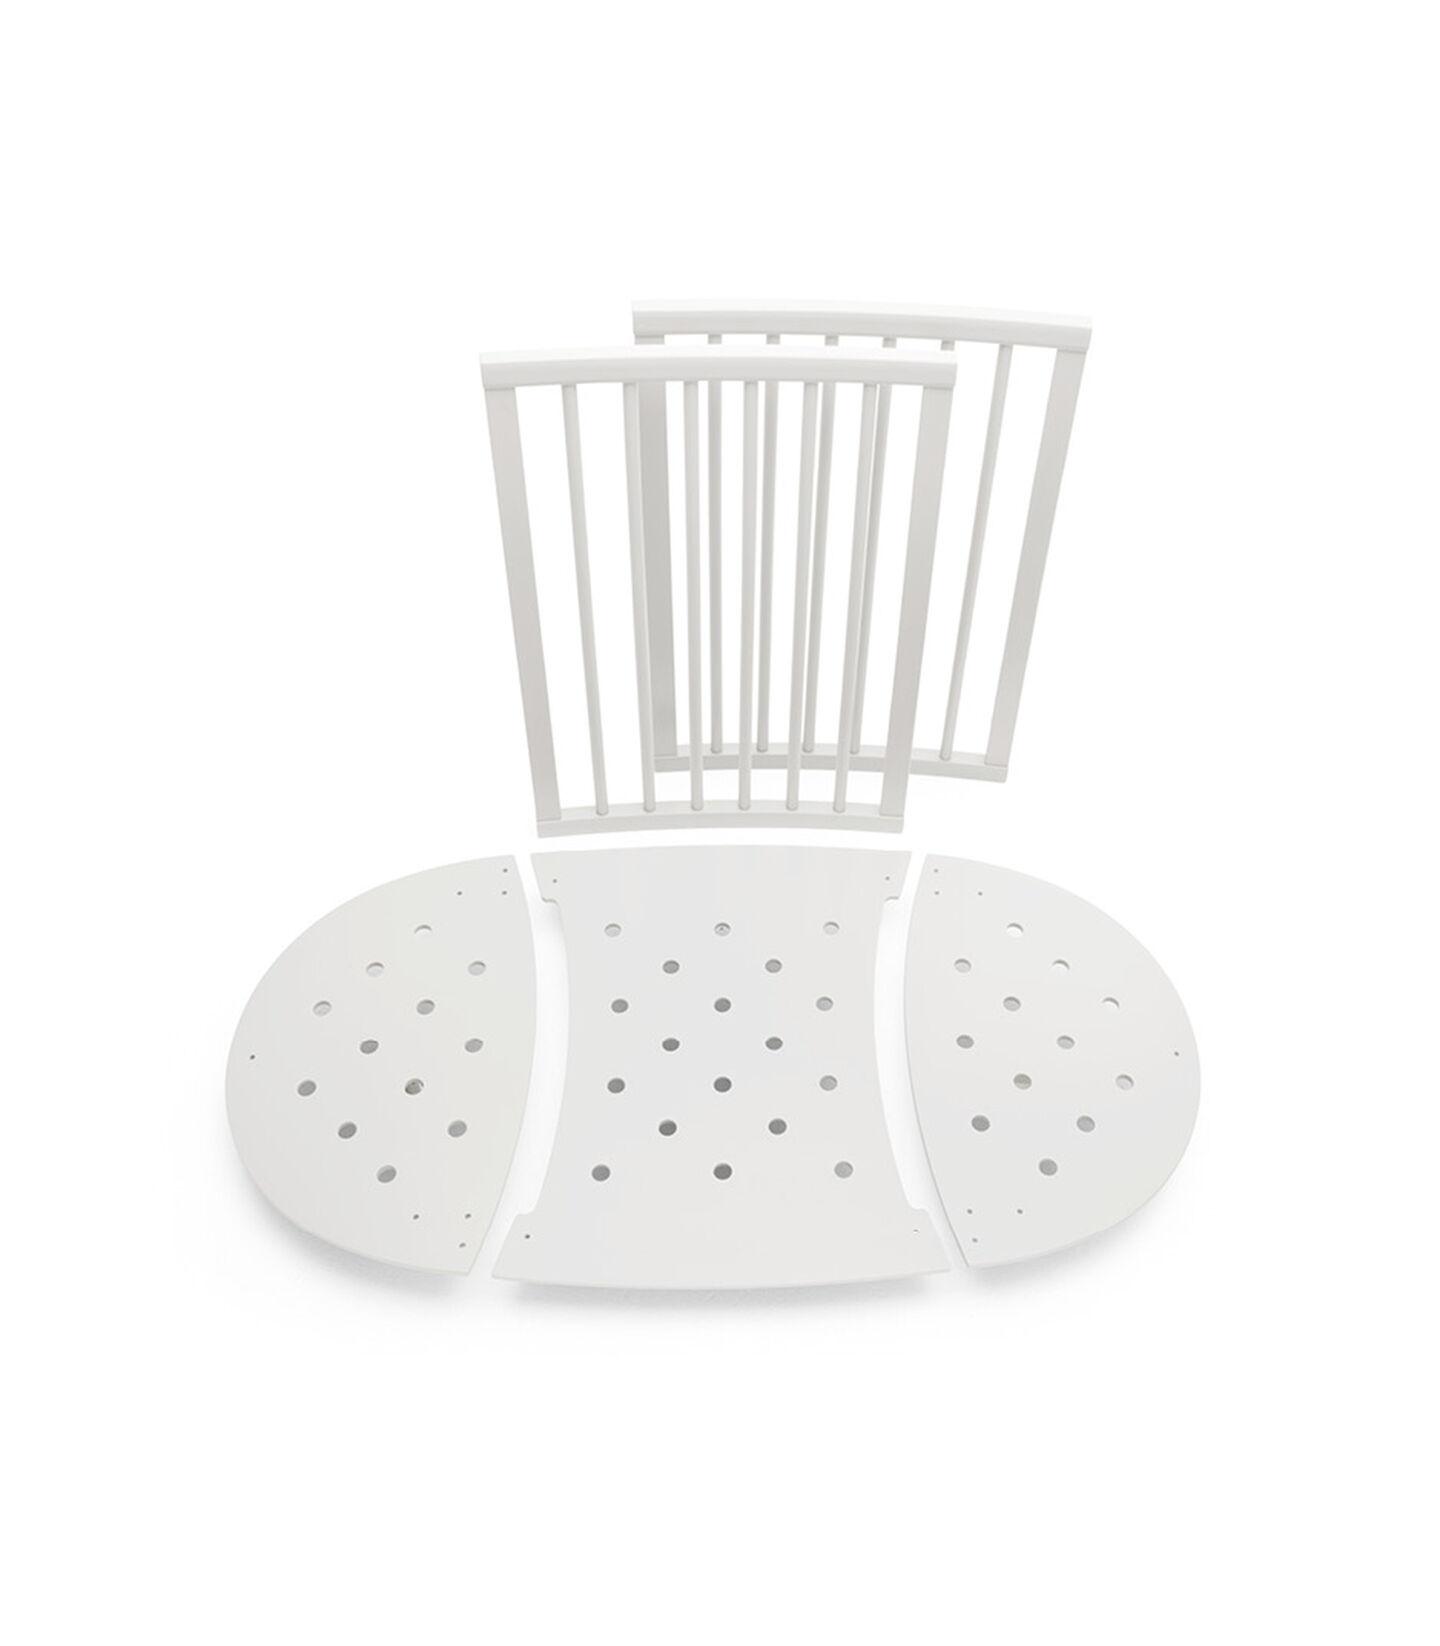 Stokke® Sleepi™ Bed Extension White, White, mainview view 1